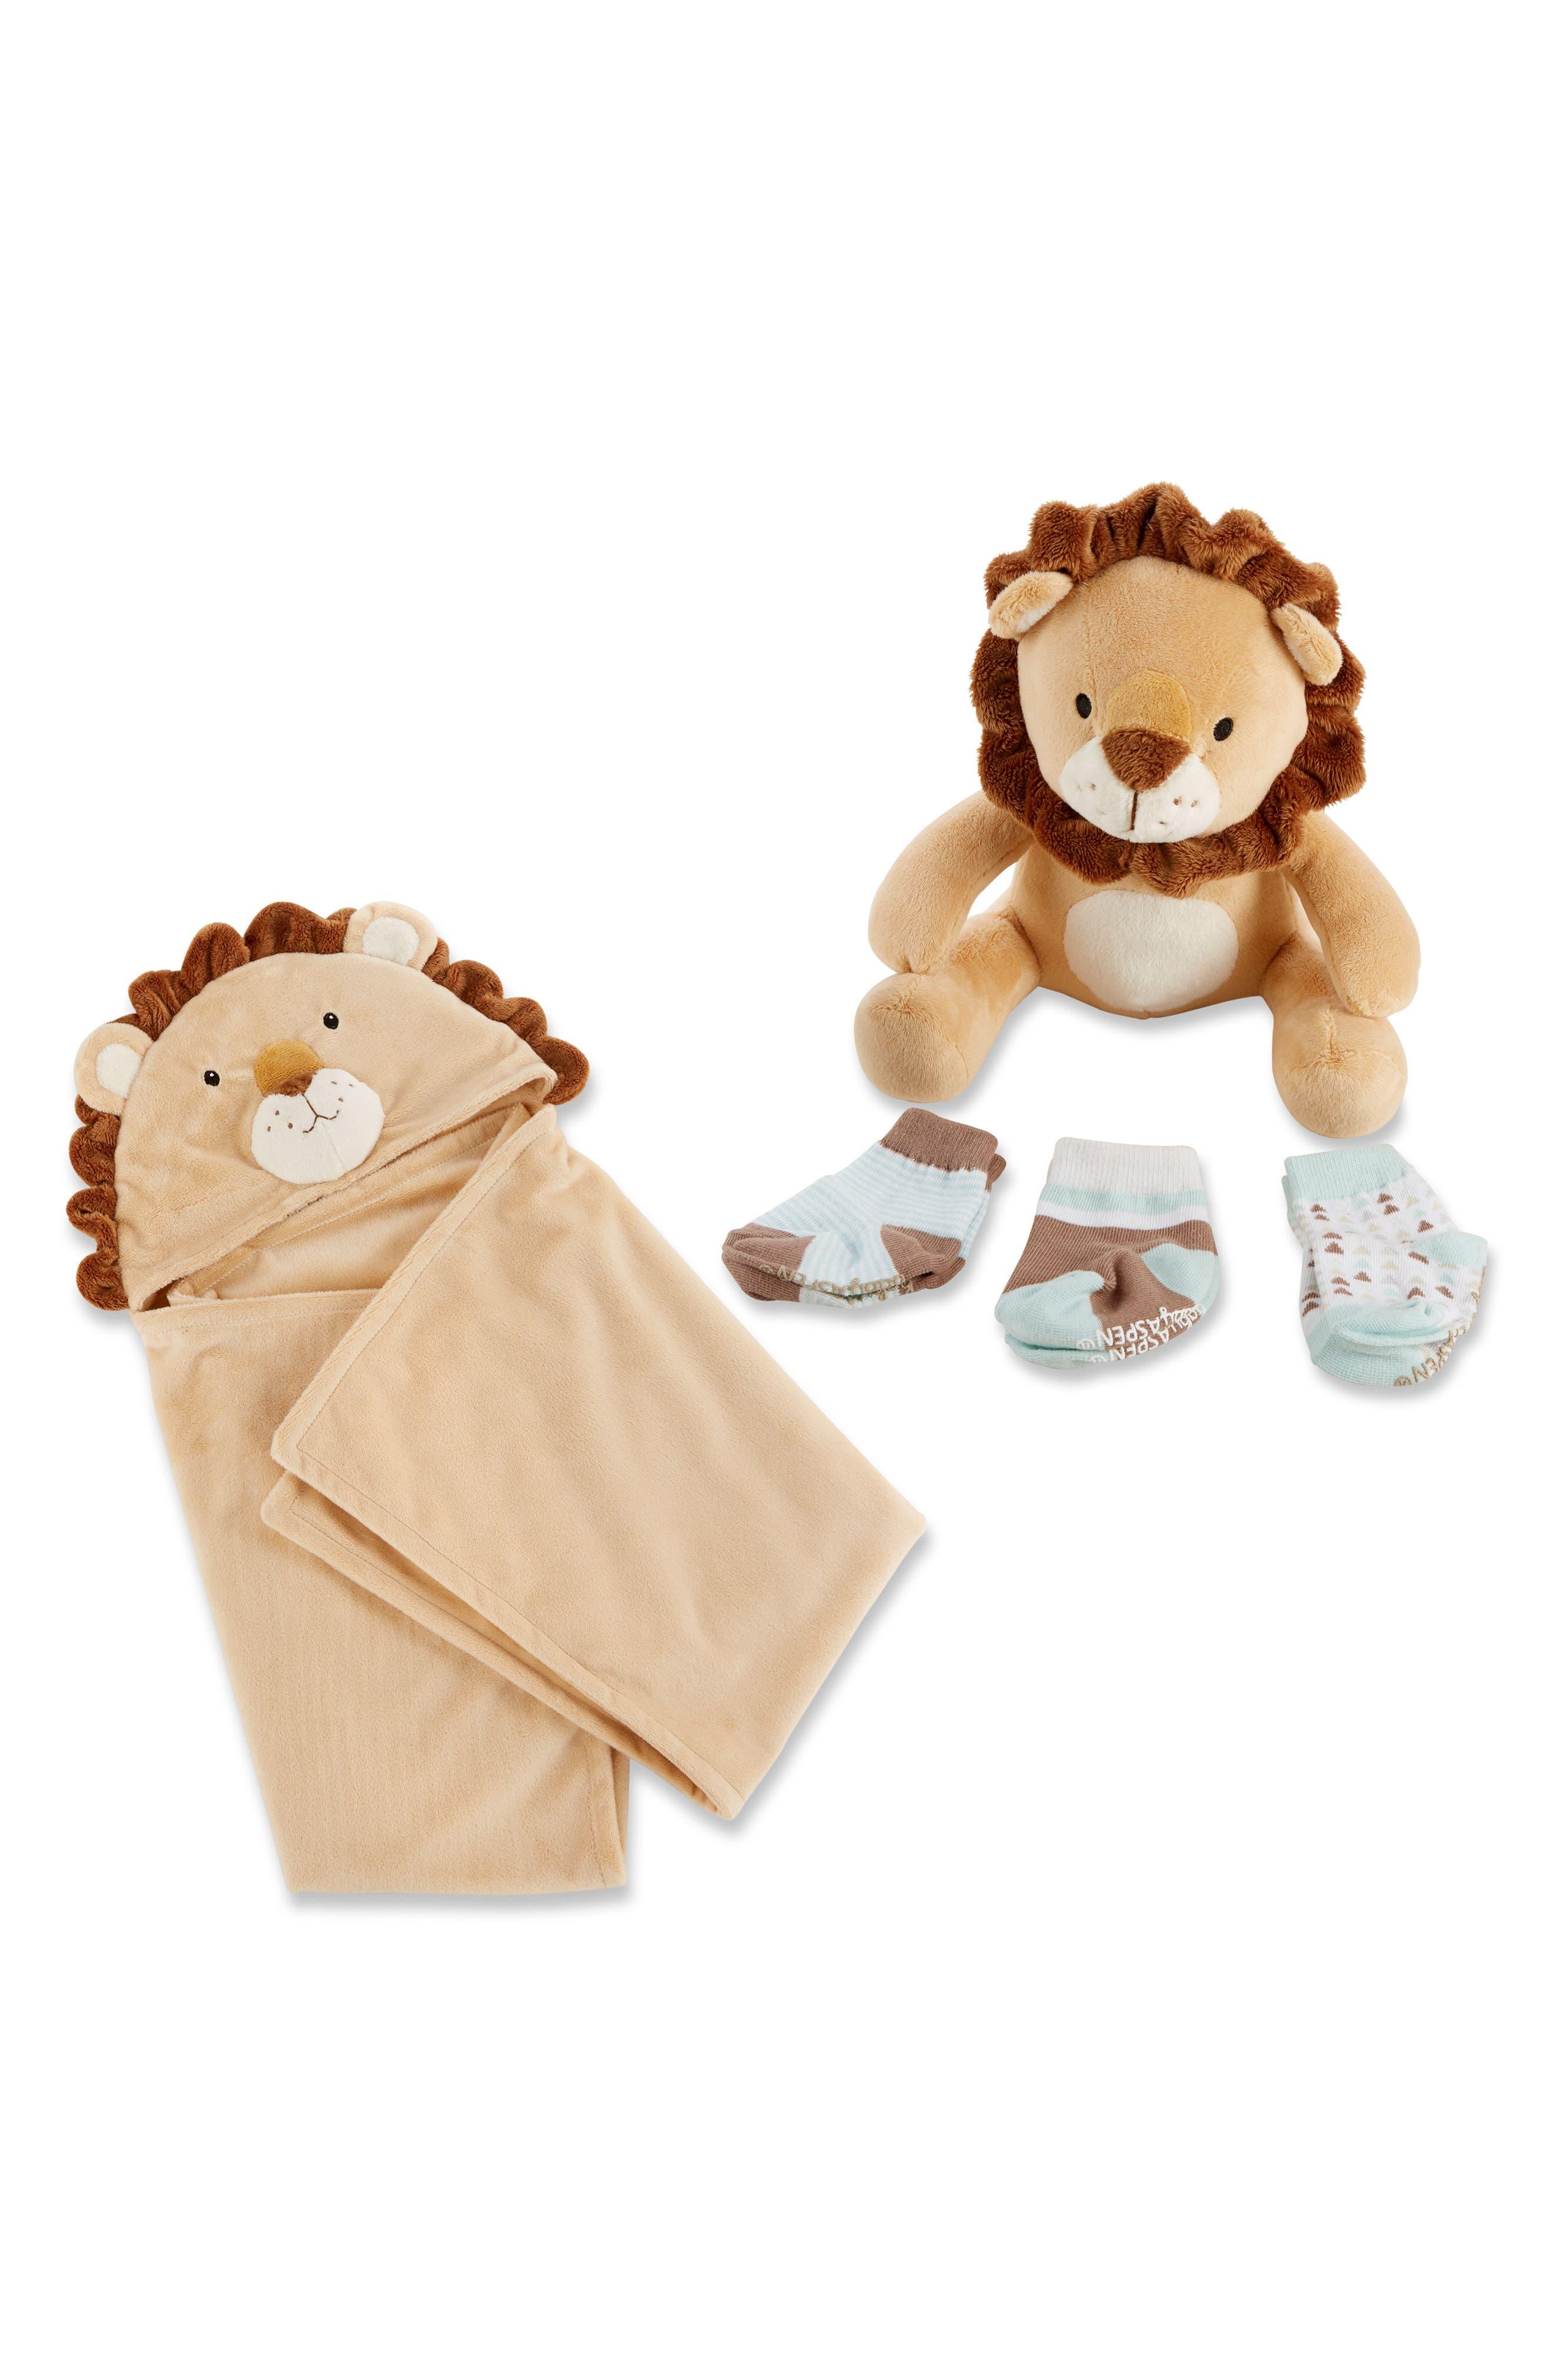 Baby Aspen Lion Safari Hooded Blanket, 3-Pack Socks & Stuffed Animal Set (Baby)